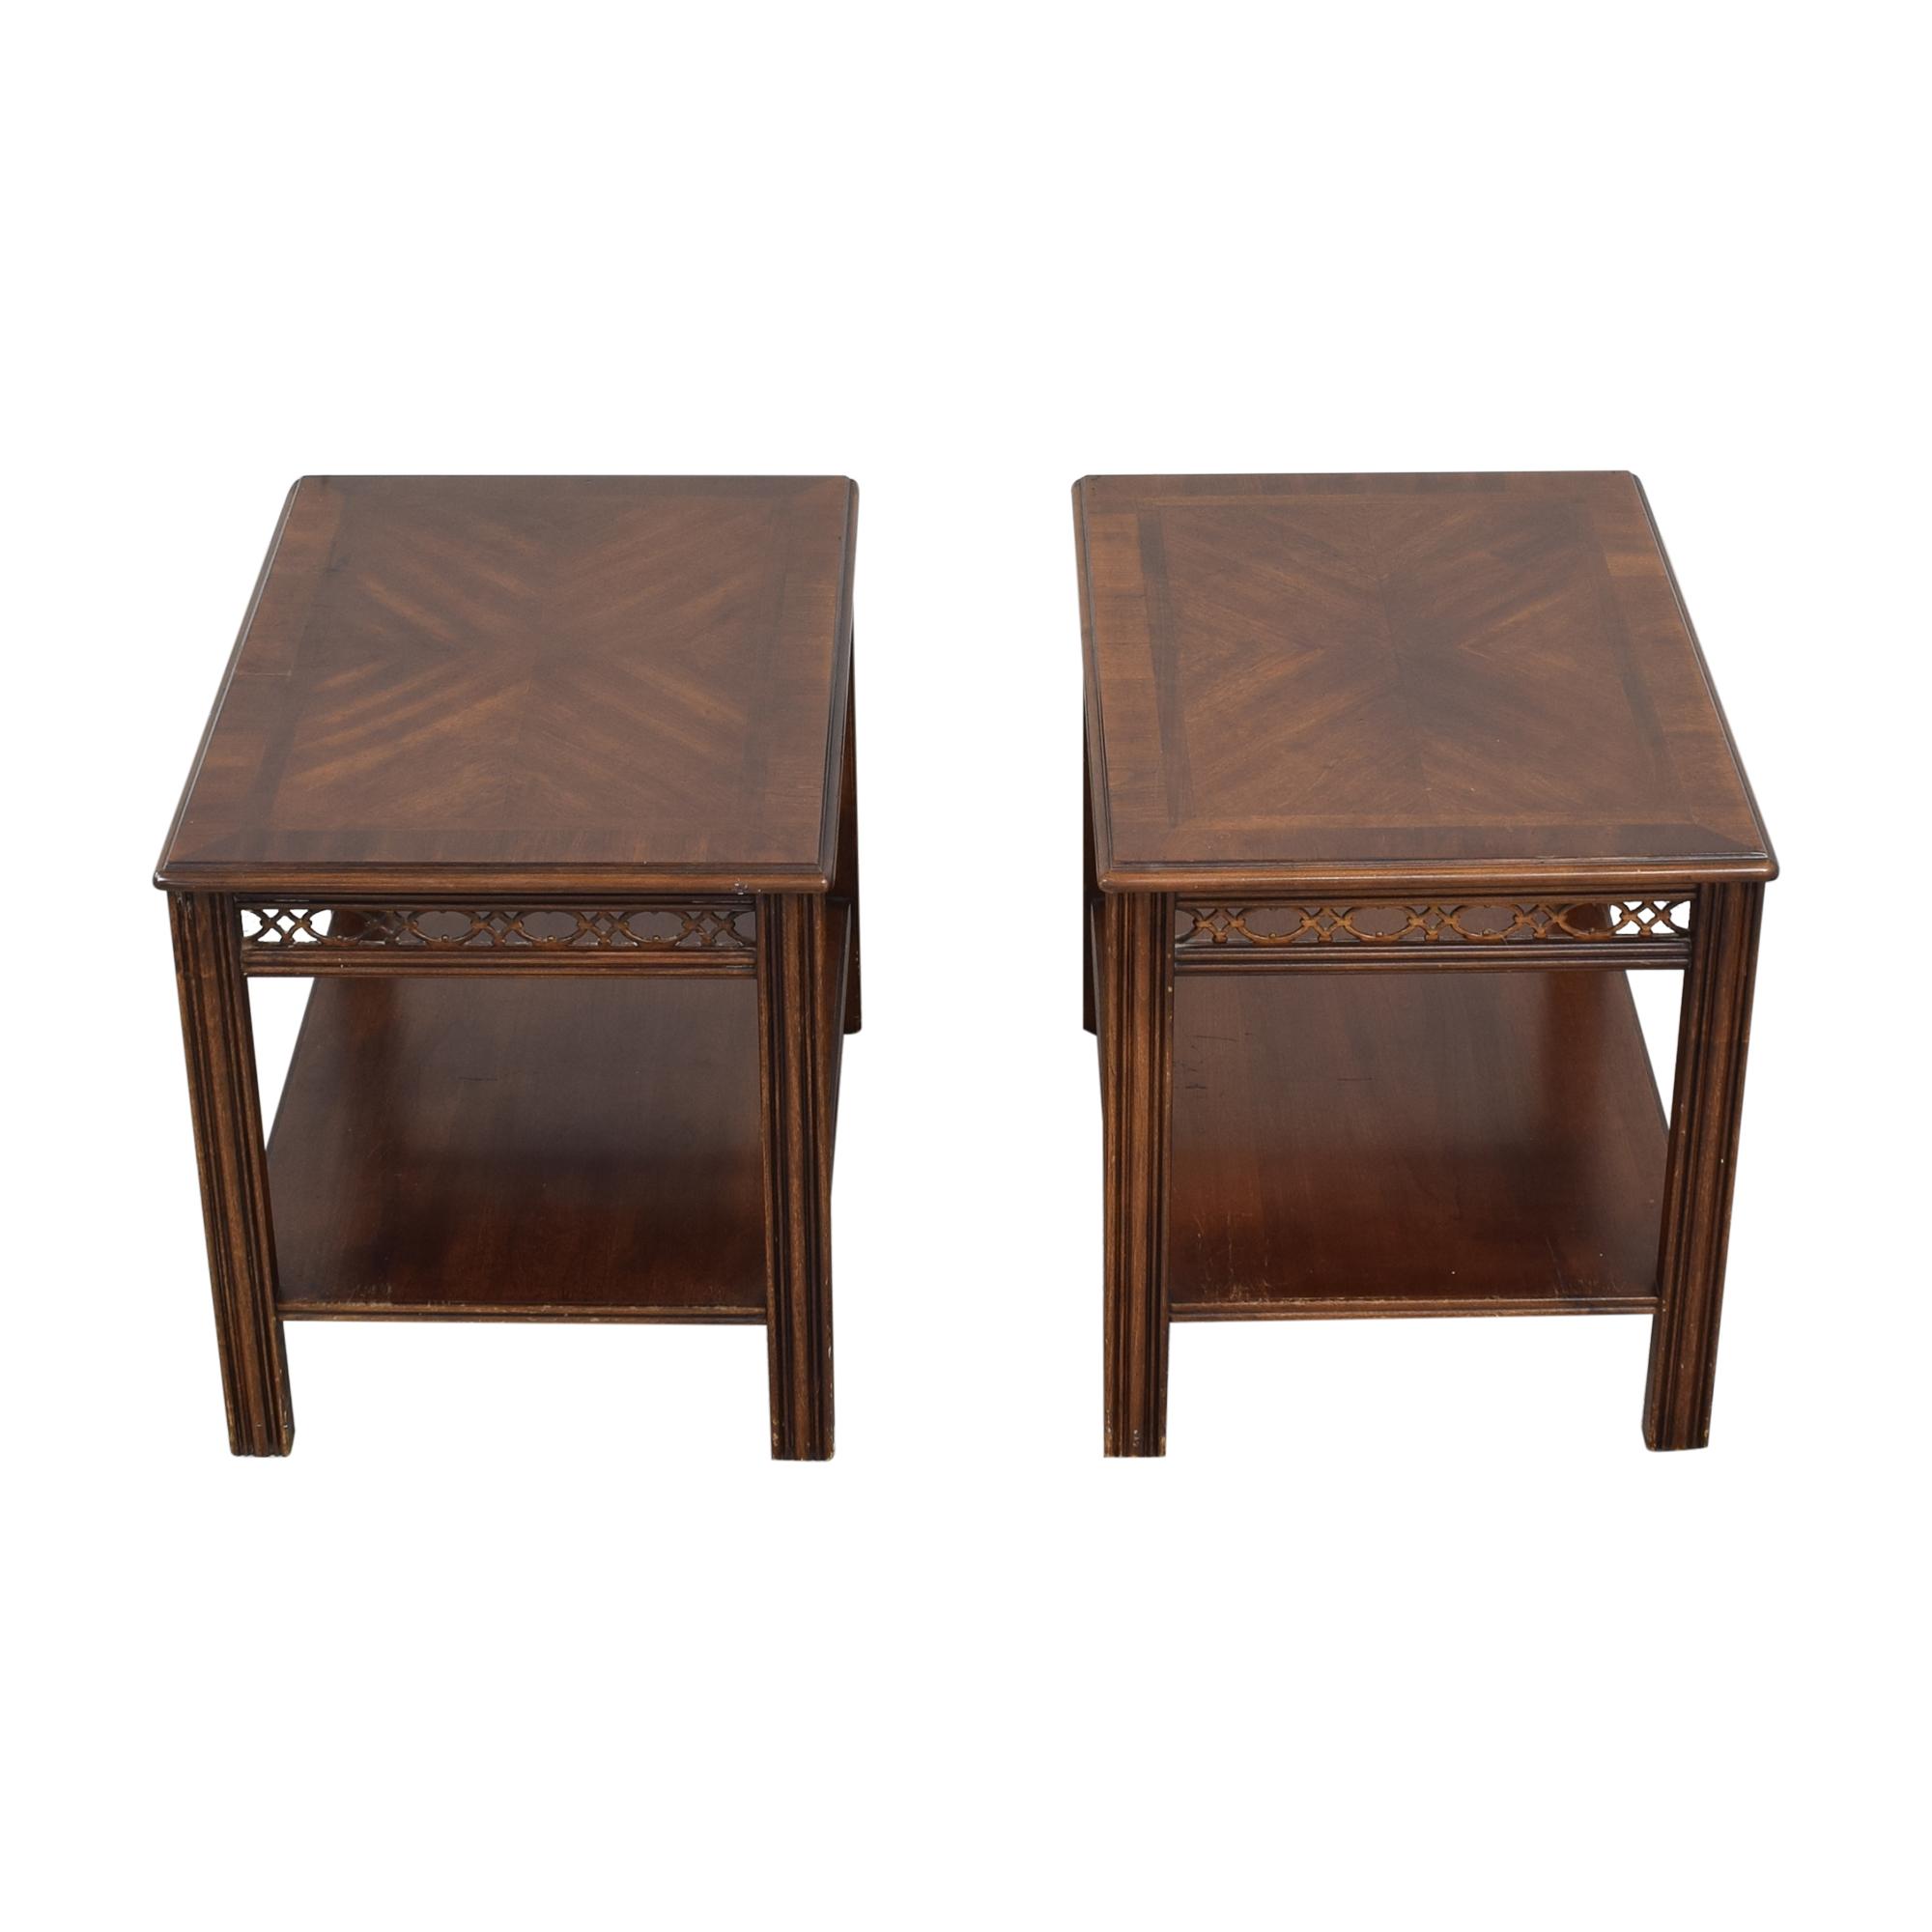 Lane Furniture Lane Furniture Side Tables for sale